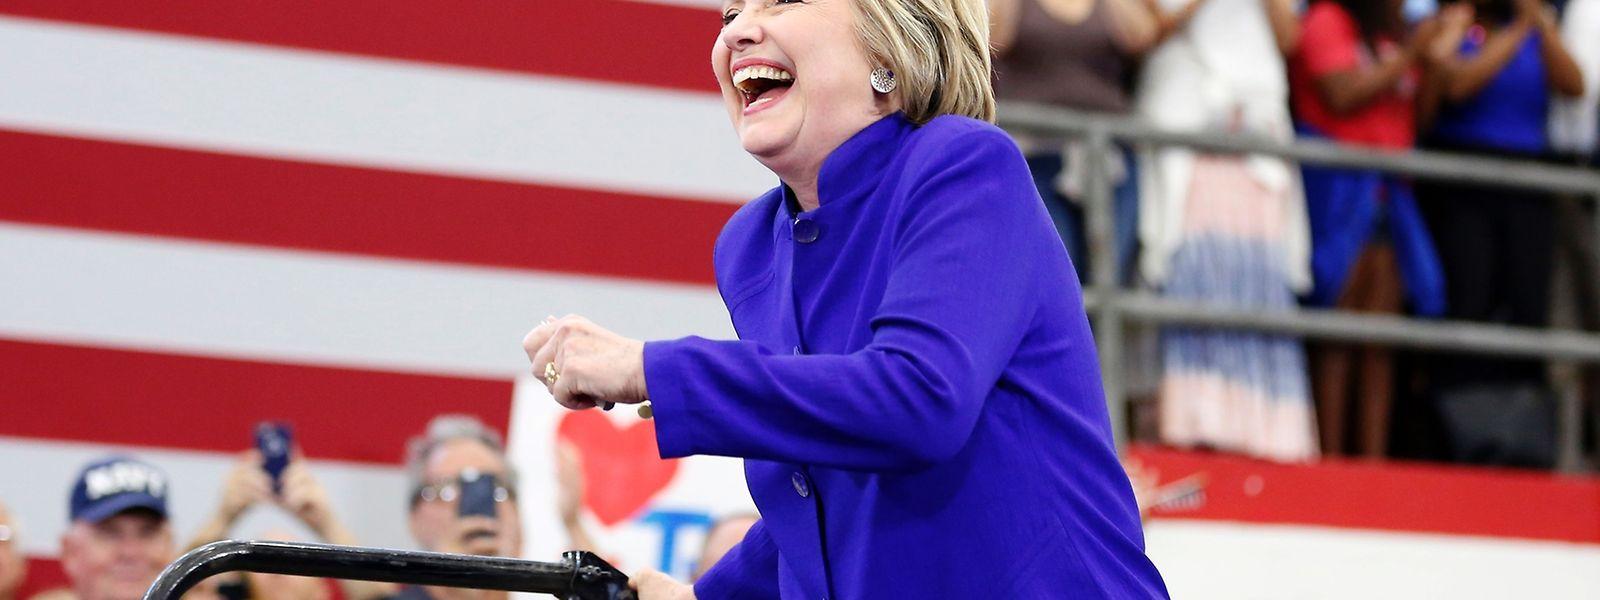 Hillary Clinton scheint genug Stimmen gesammelt zu haben, um offizielle Präsidentschaftskandidatin zu werden.